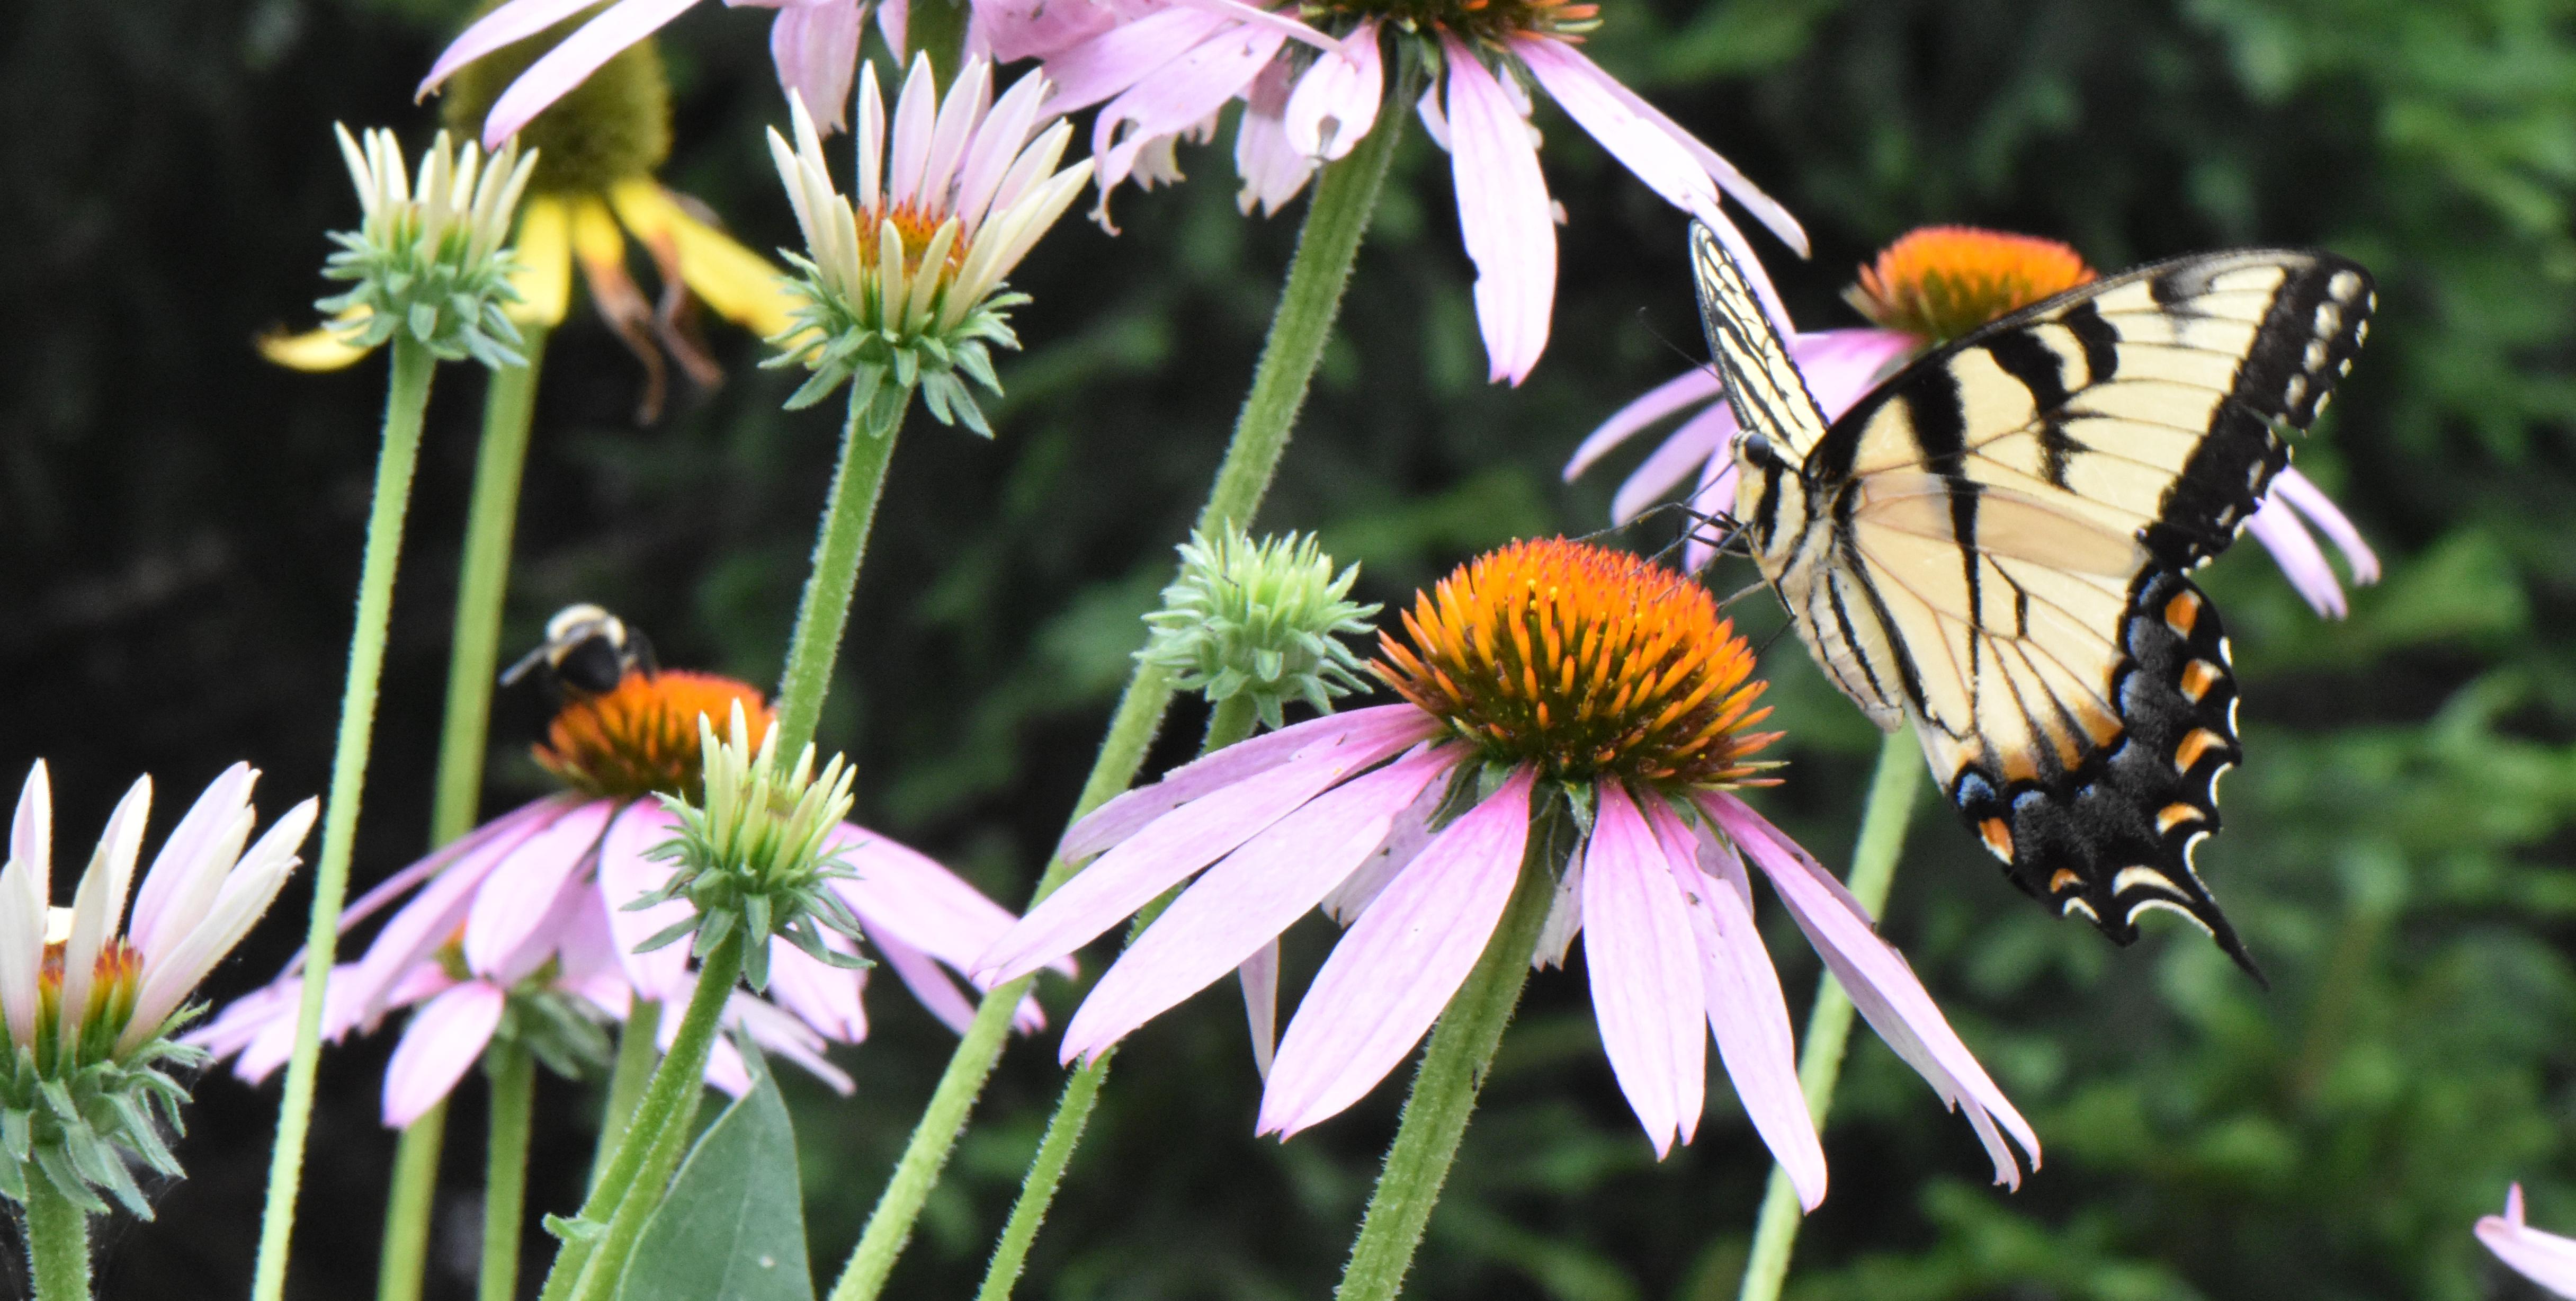 Swallowtail on purple coneflower